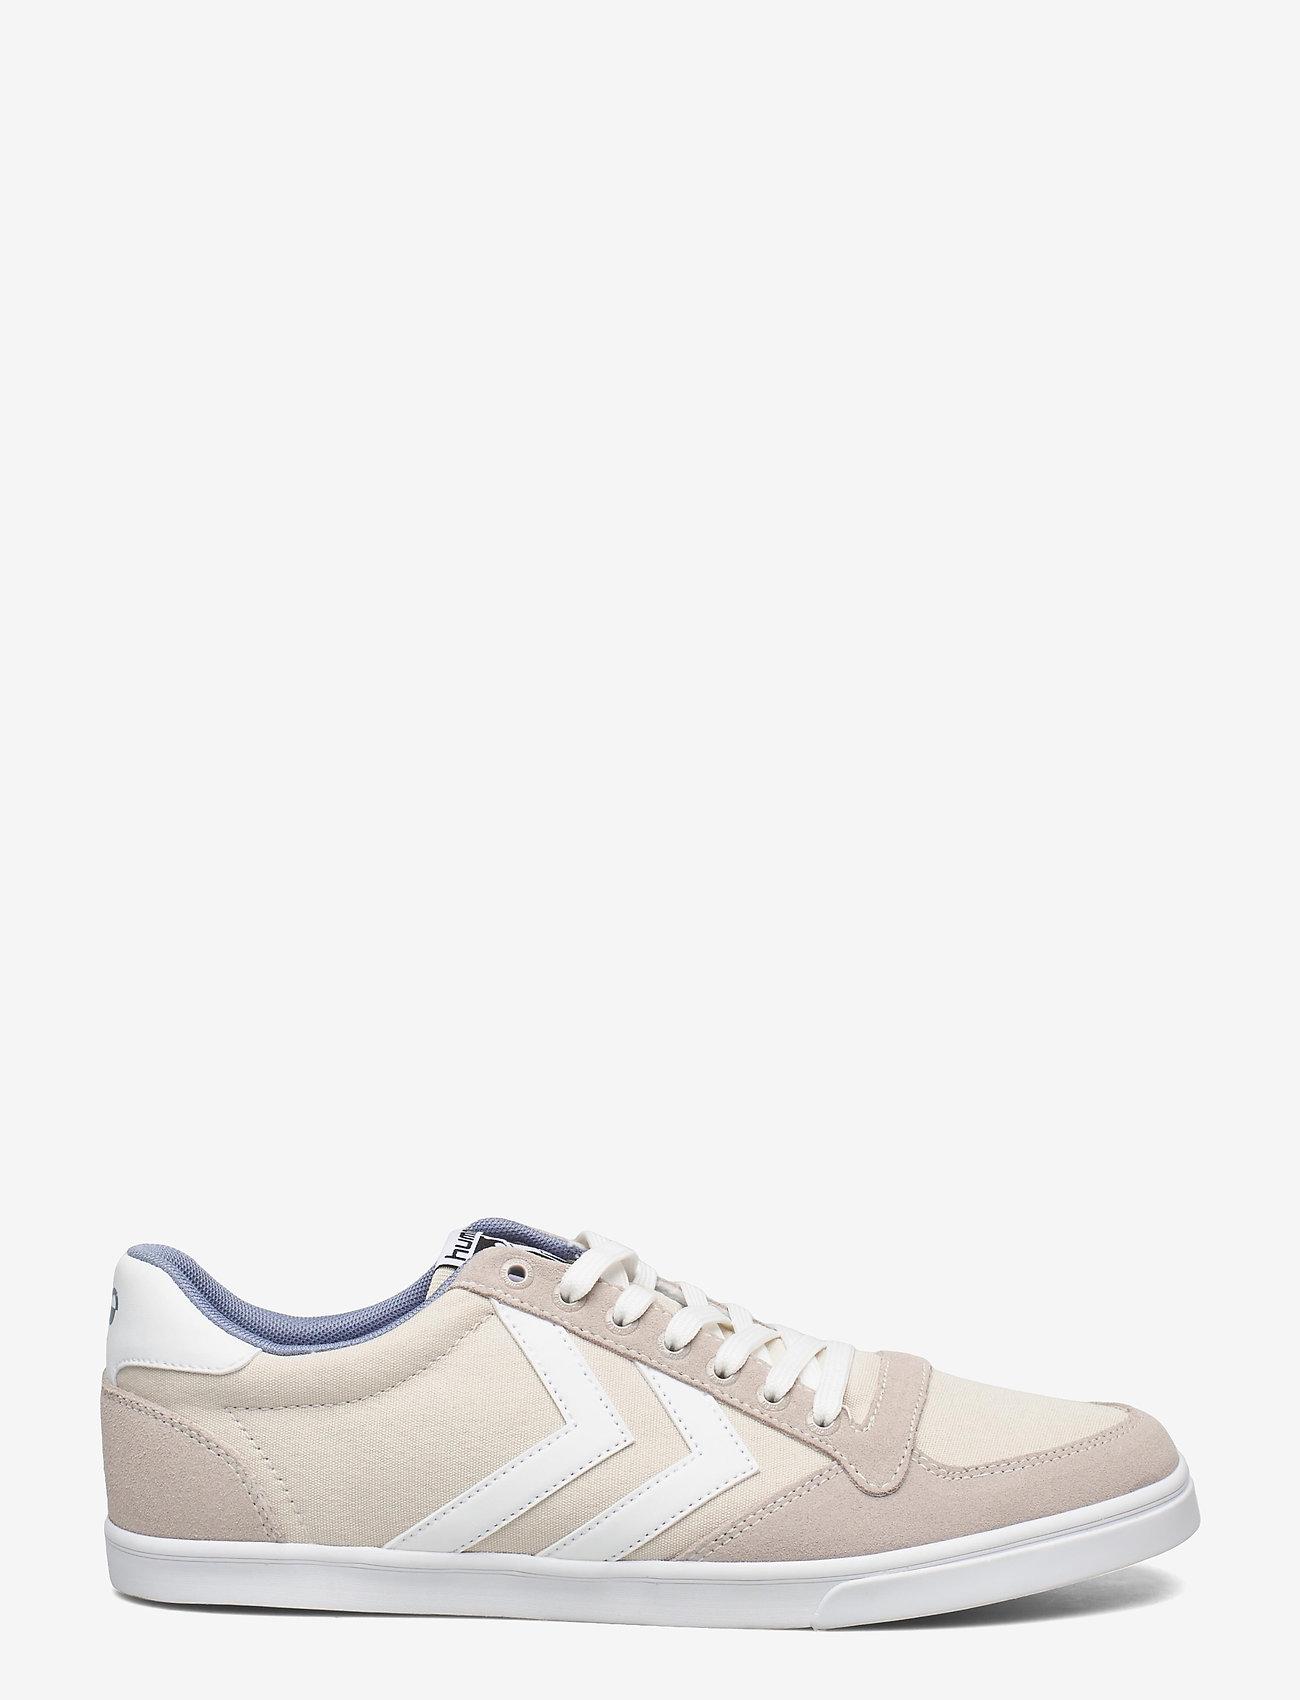 Hummel - SLIMMER STADIL LOW - laag sneakers - bone white - 0